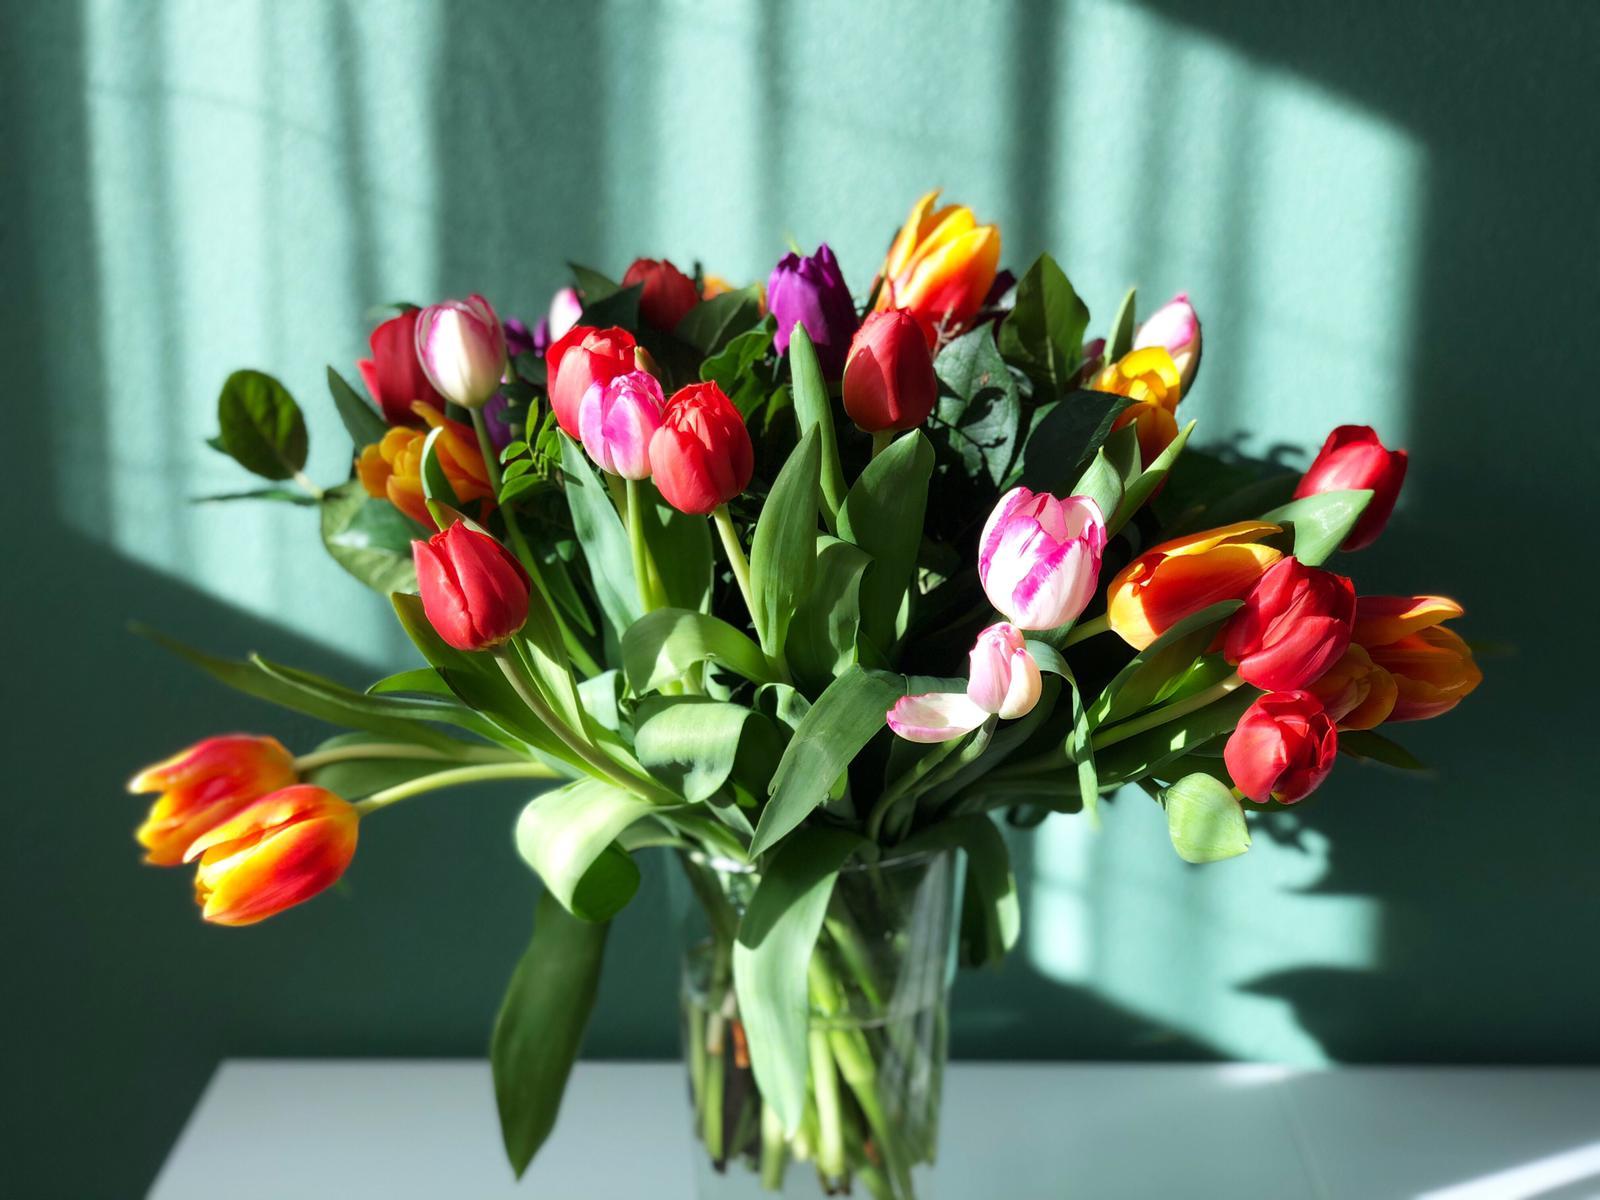 Met bloemen is alles beter